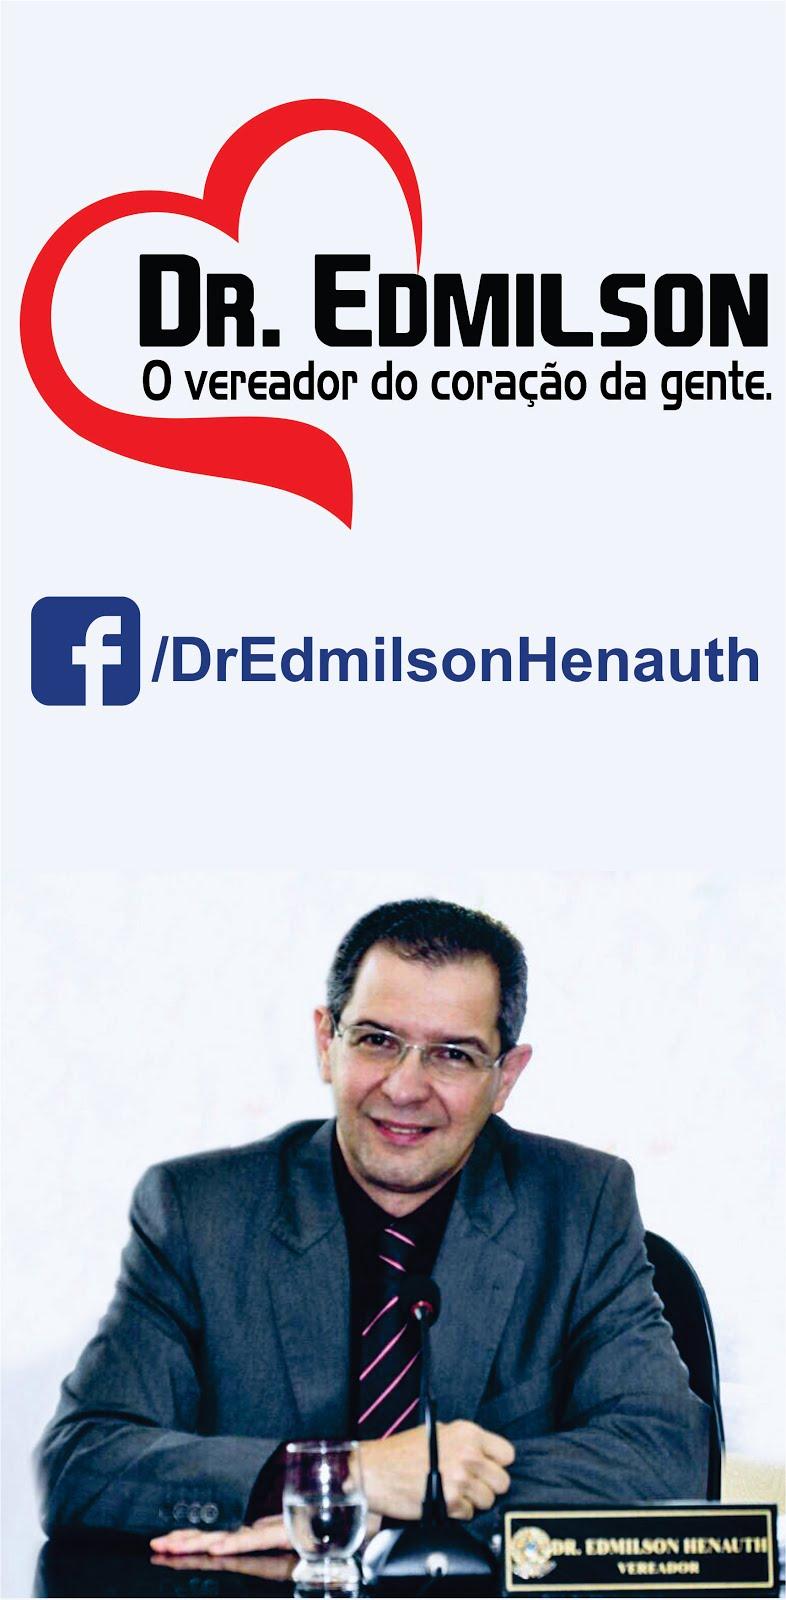 Dr. Edmilson está no Facebook